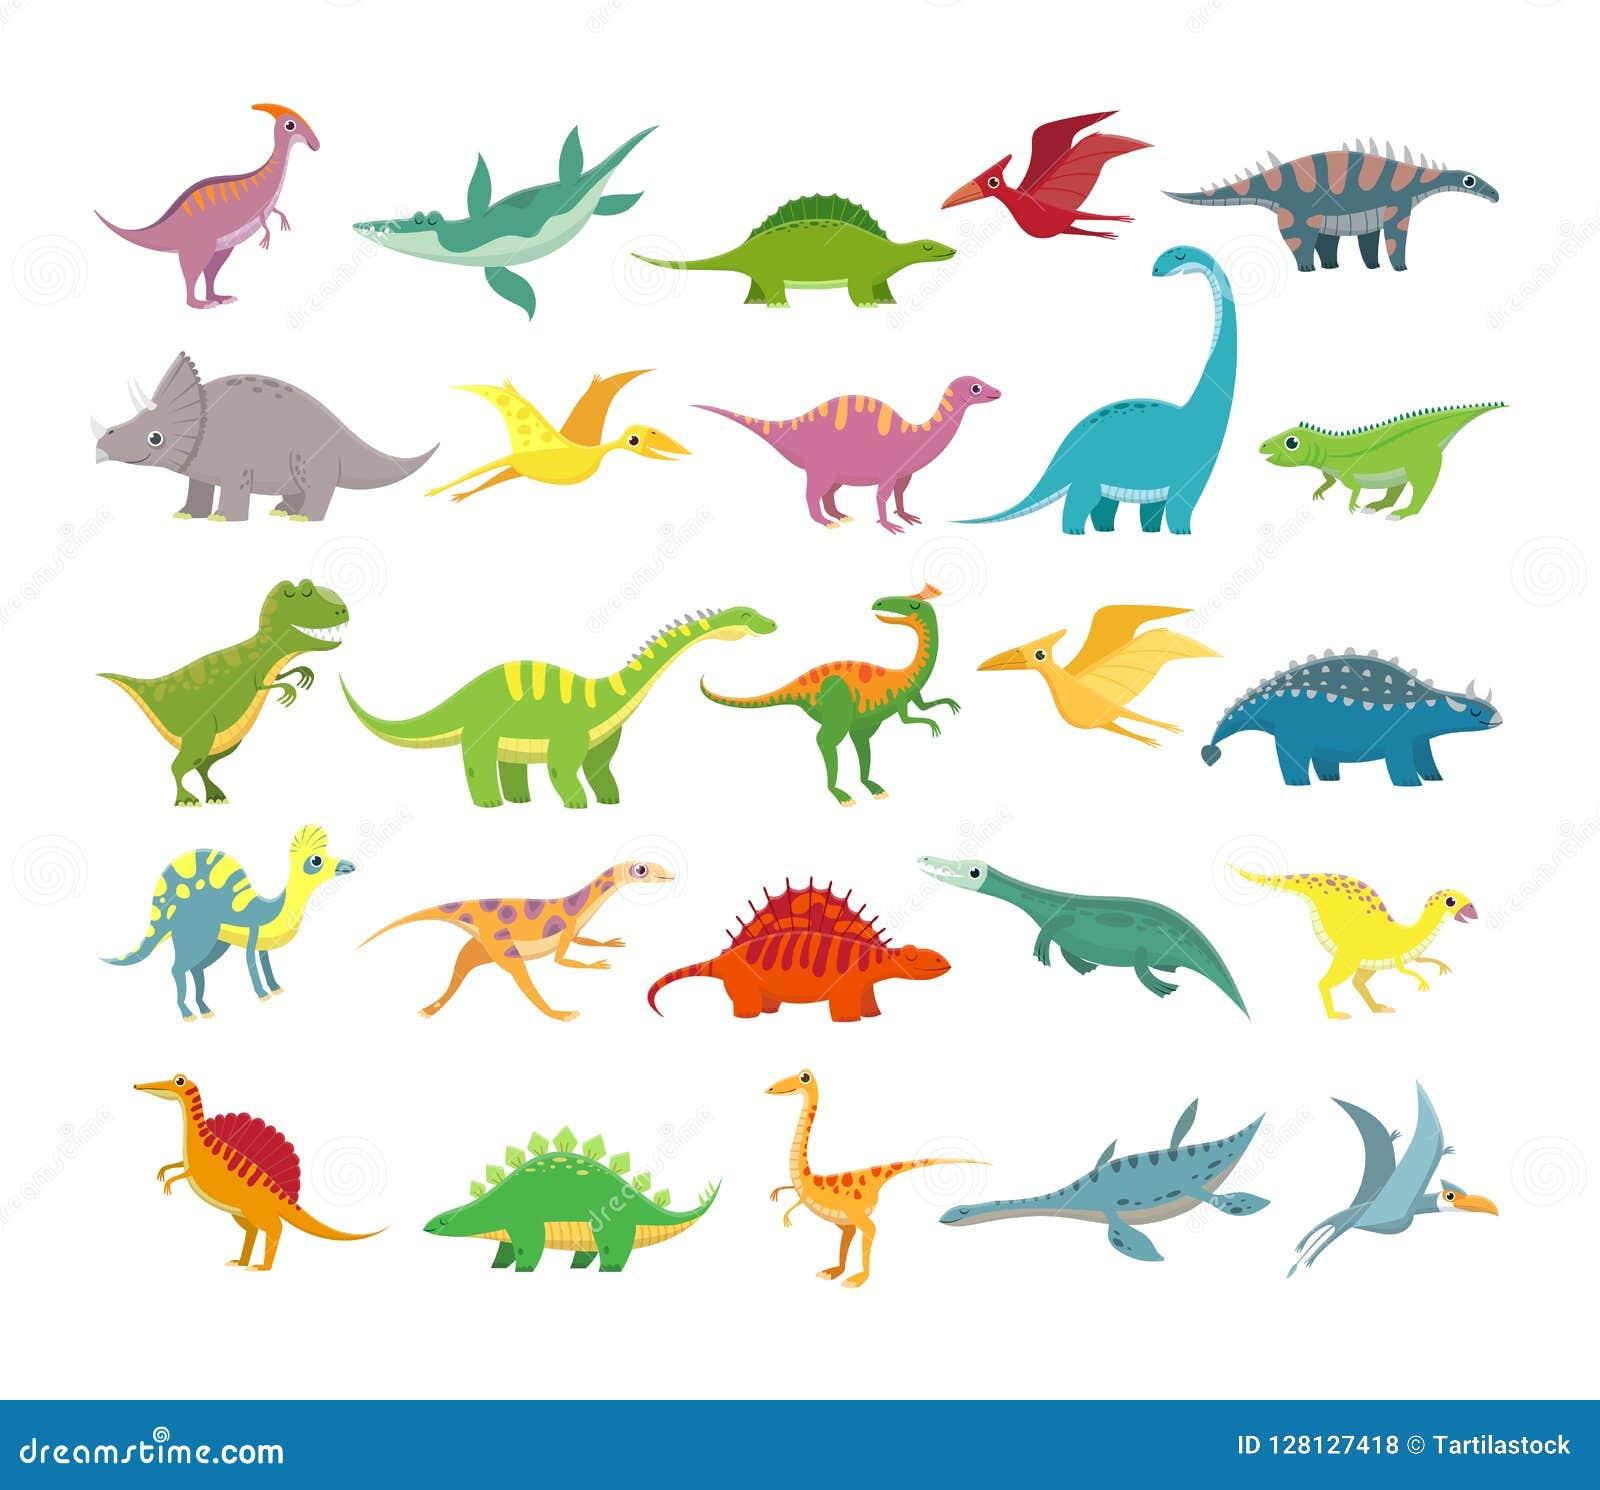 Cartoon Dinosaurs Baby Dino Prehistoric Animals Cute Dinosaur